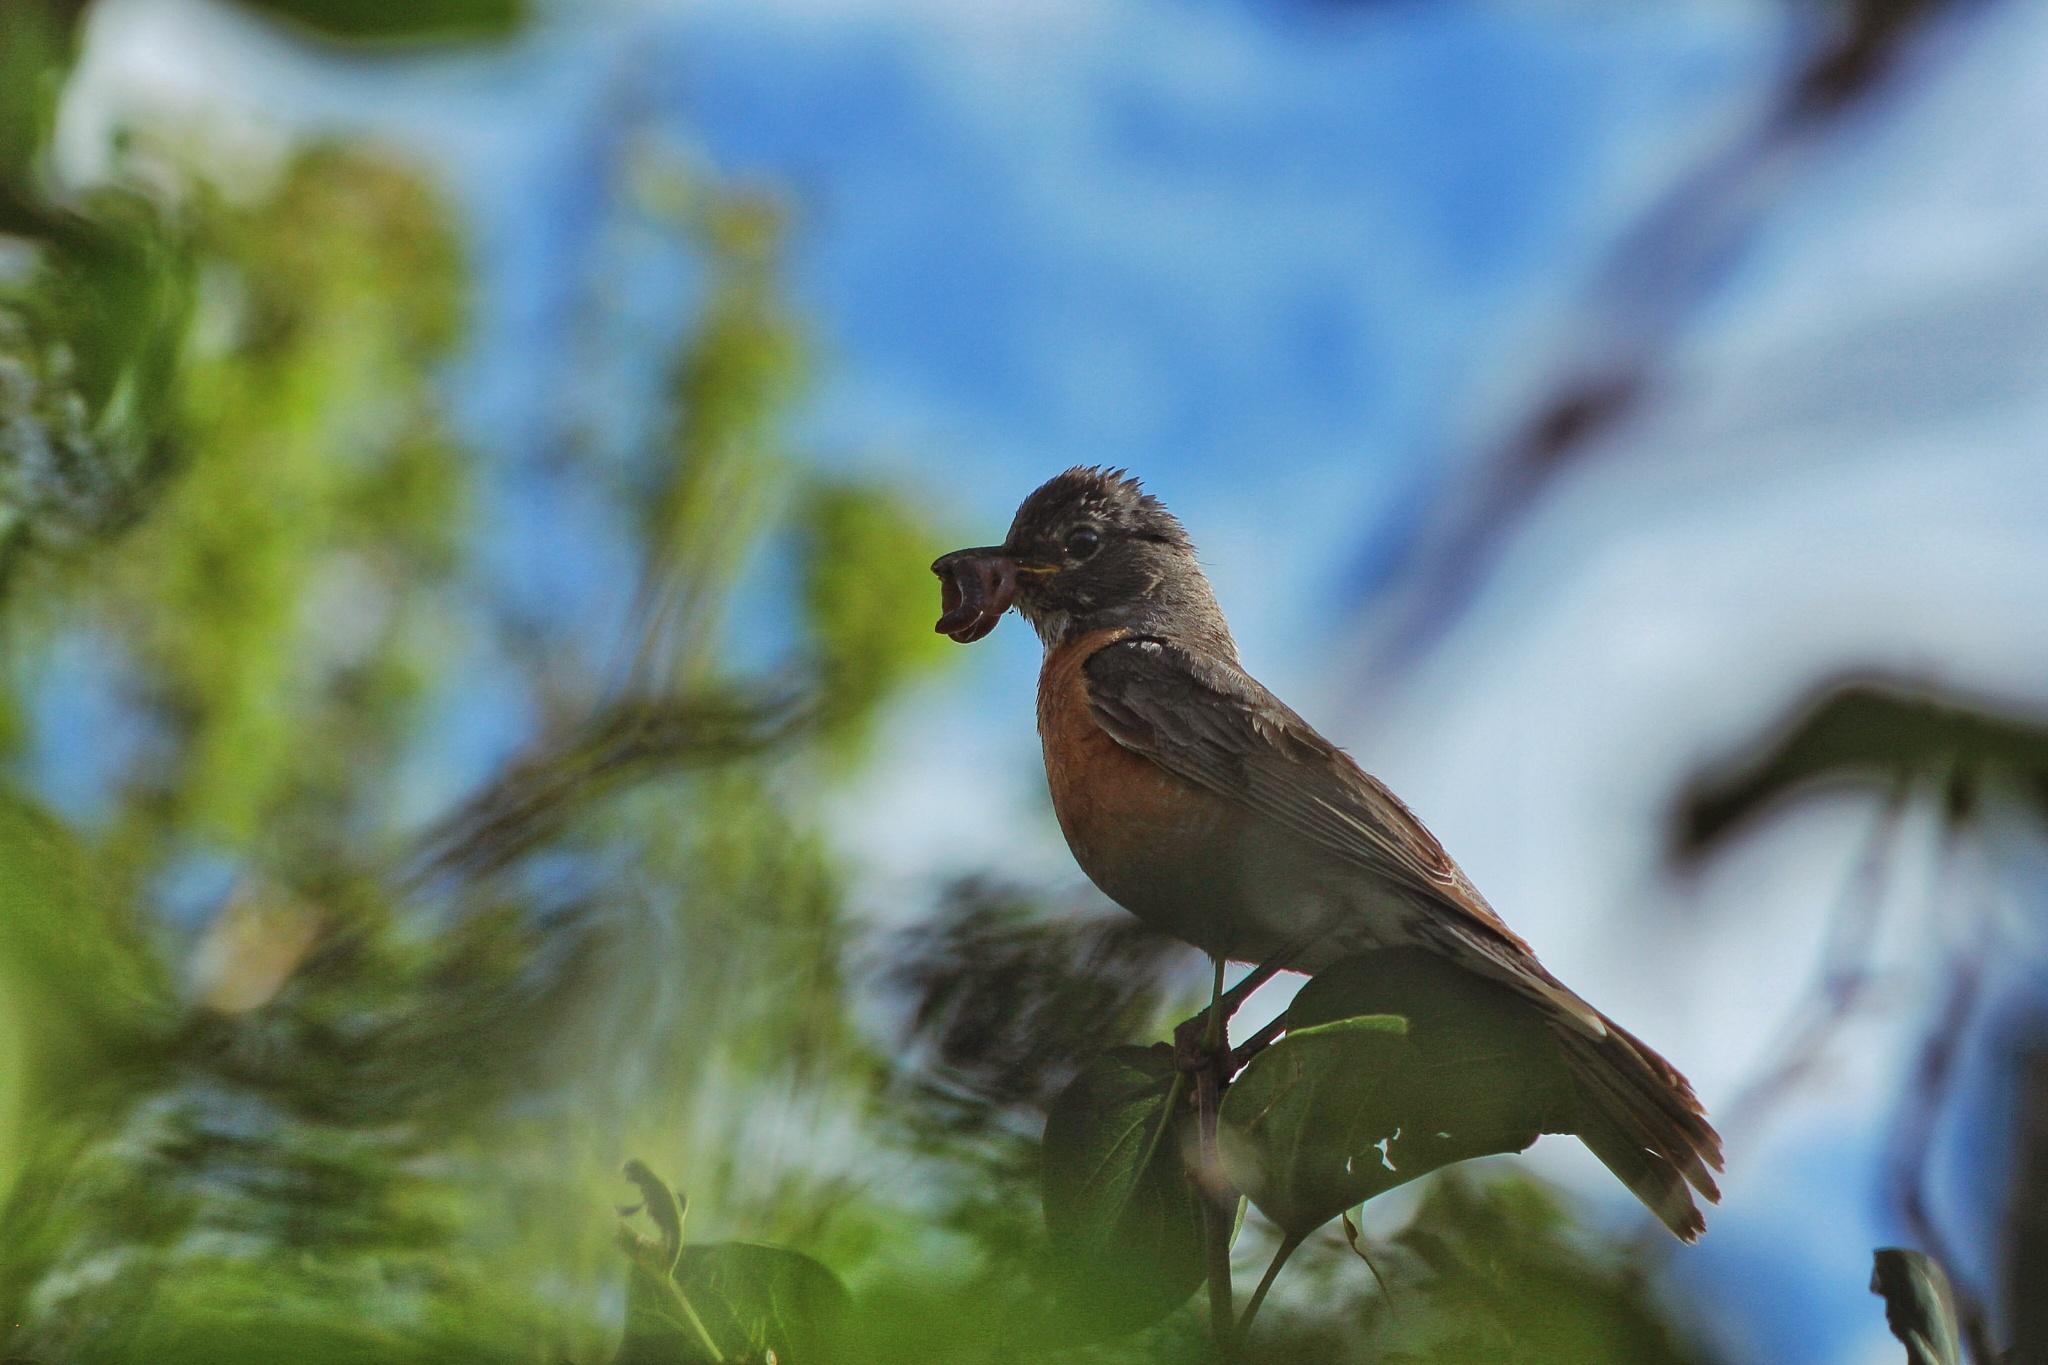 The Early Bird Gets Breakfast by shaunarwhitaker